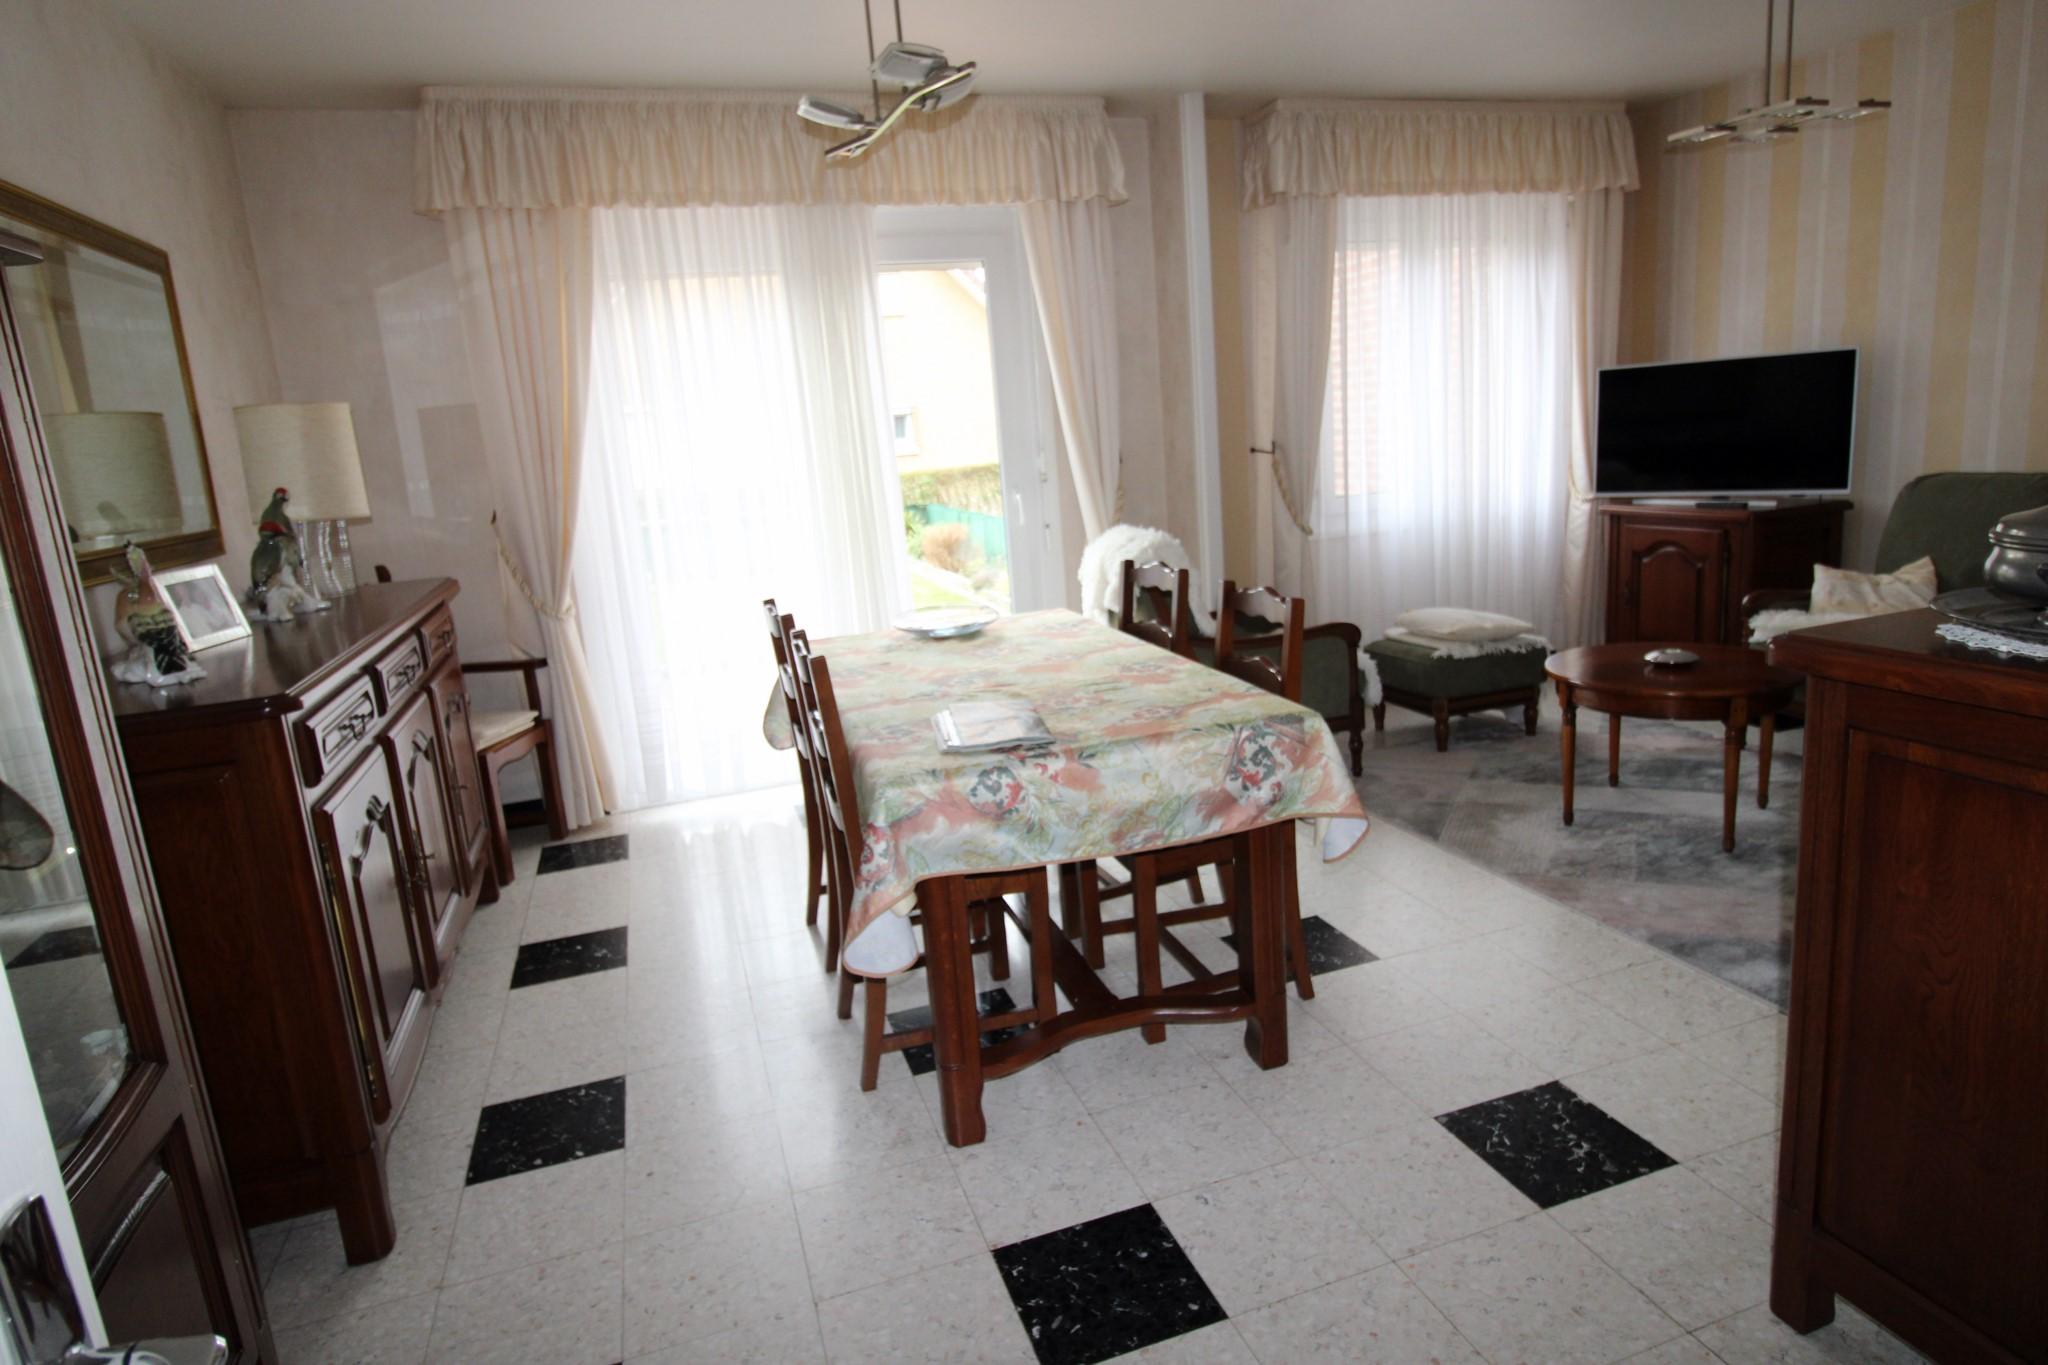 Maison traditionnelle TBEG